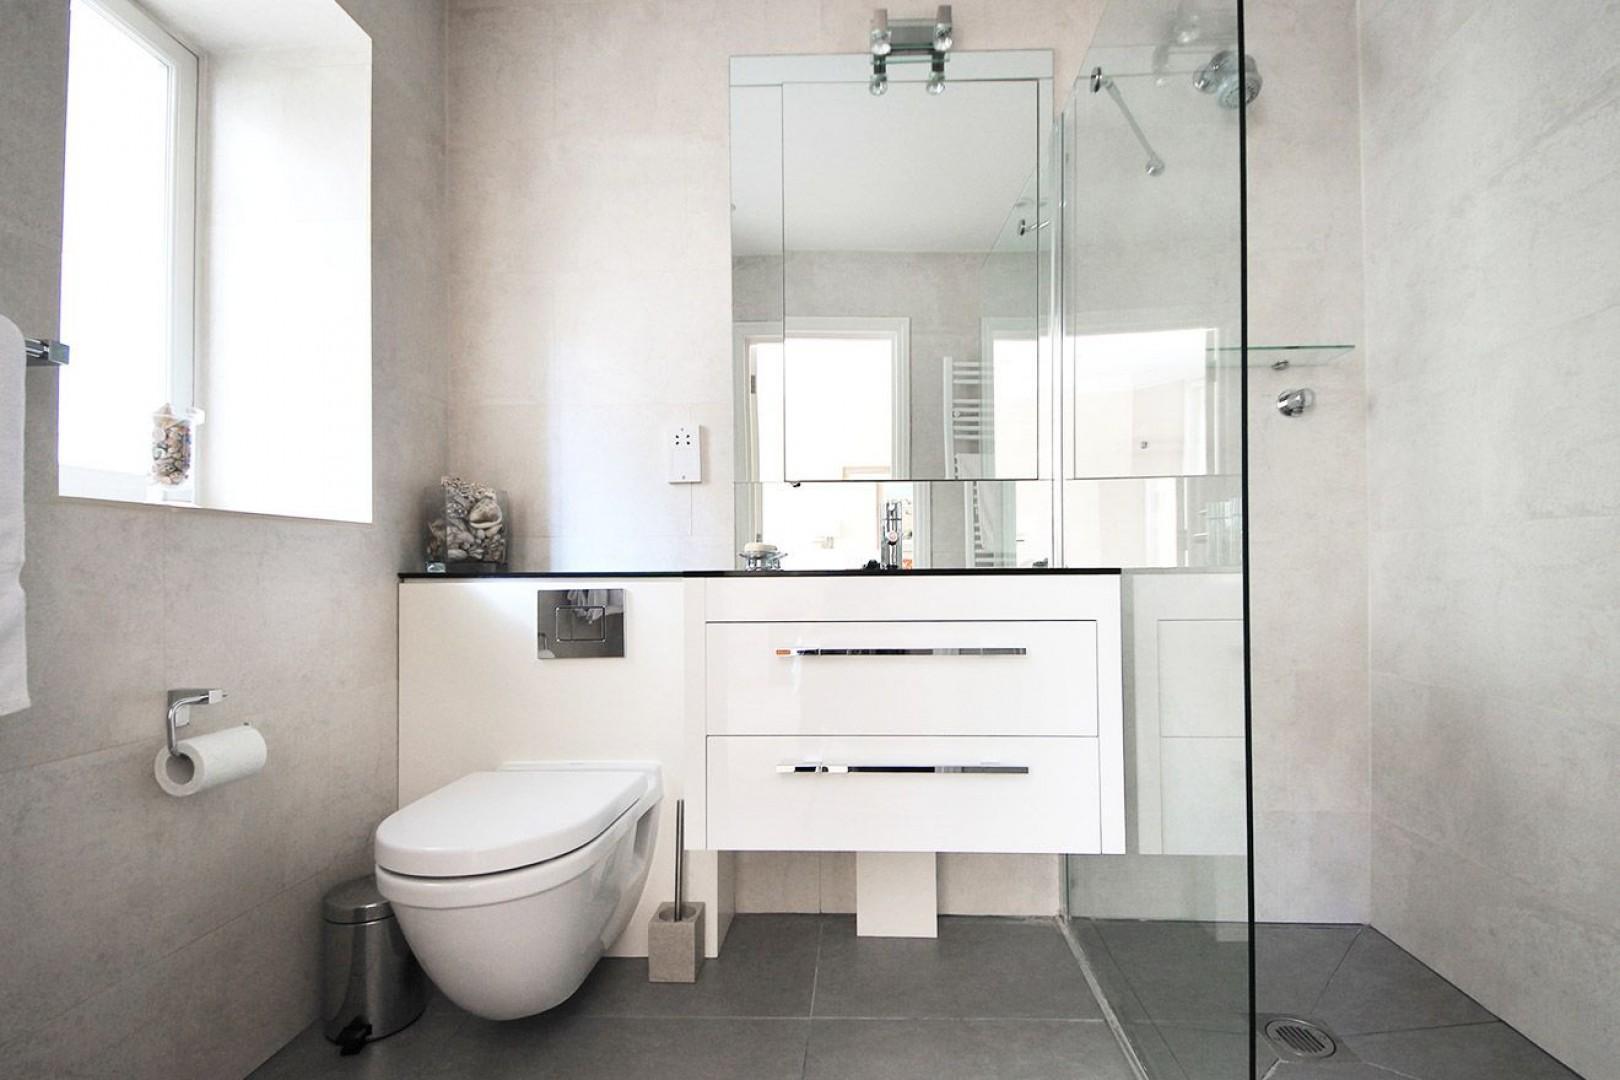 Full en suite bathroom located in bedroom 2